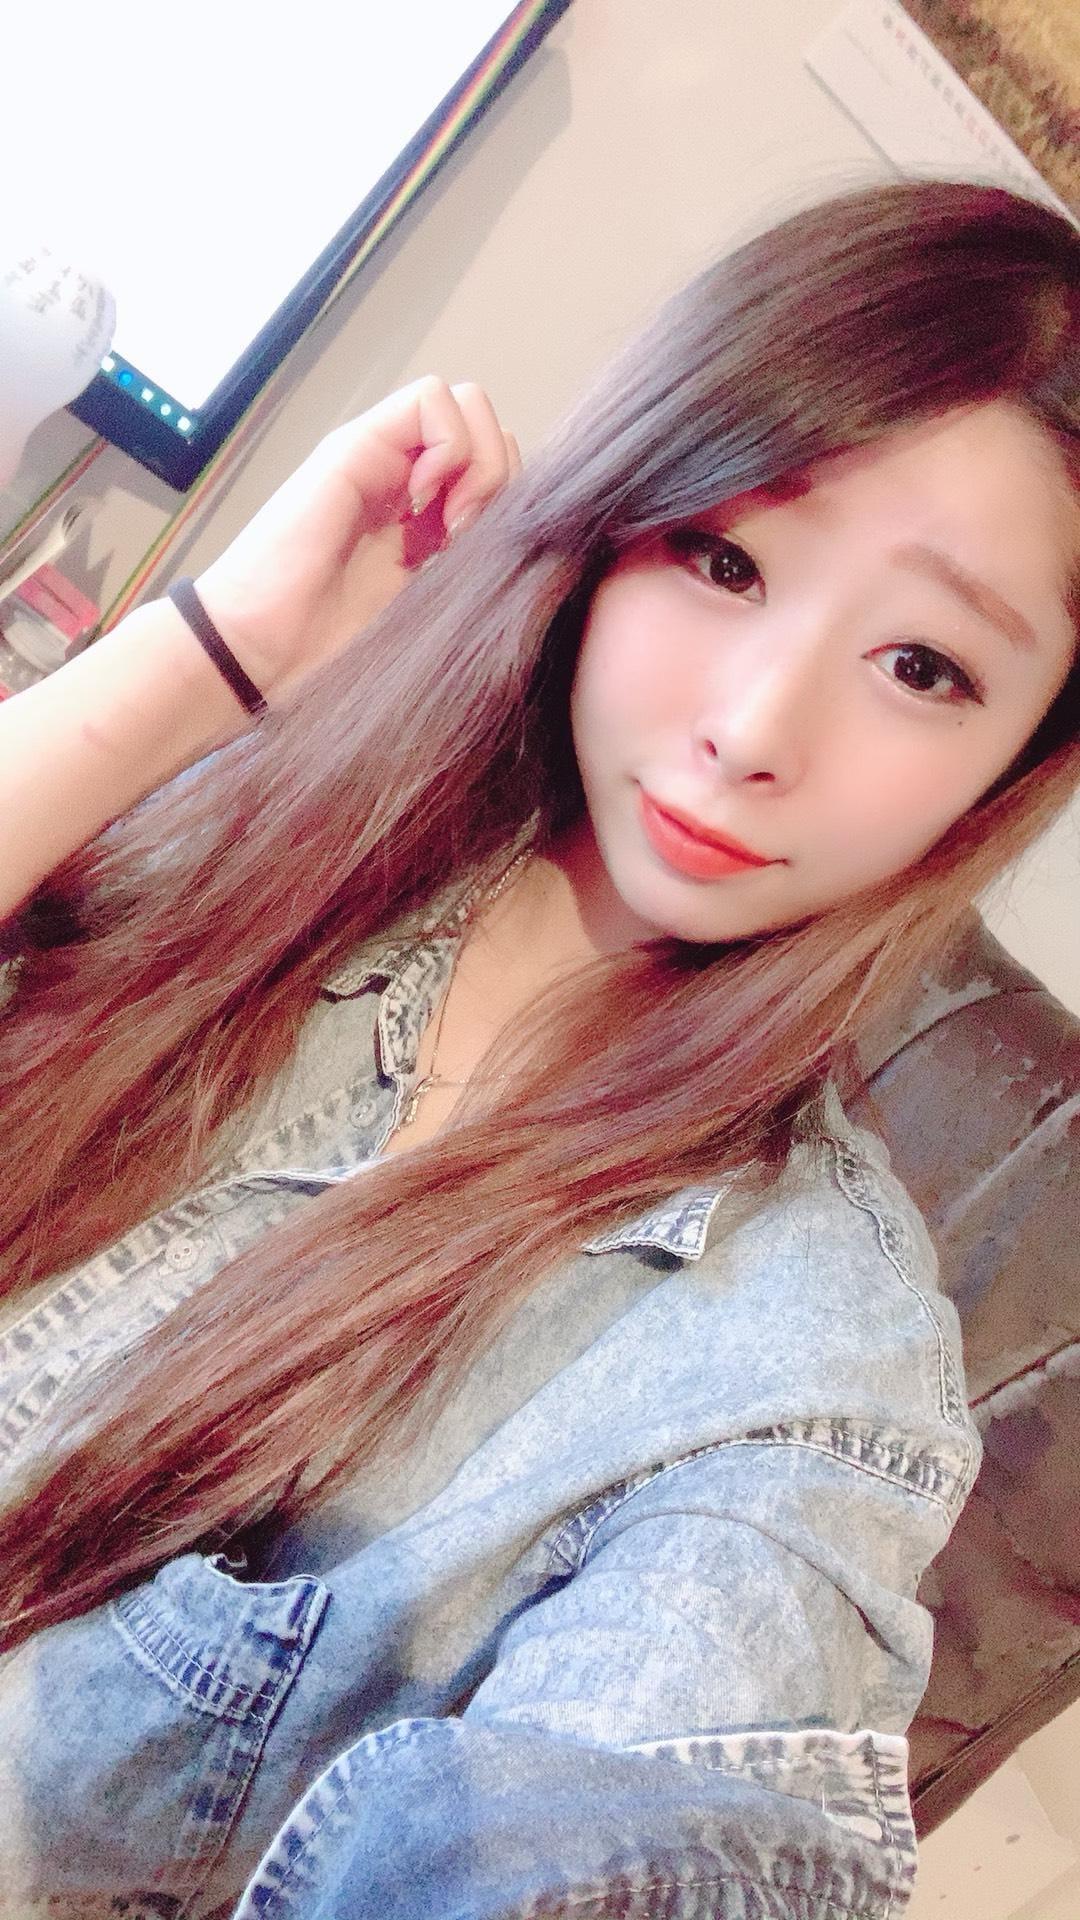 「おはようございます♡」09/19(09/19) 20:02 | ゆらの写メ・風俗動画